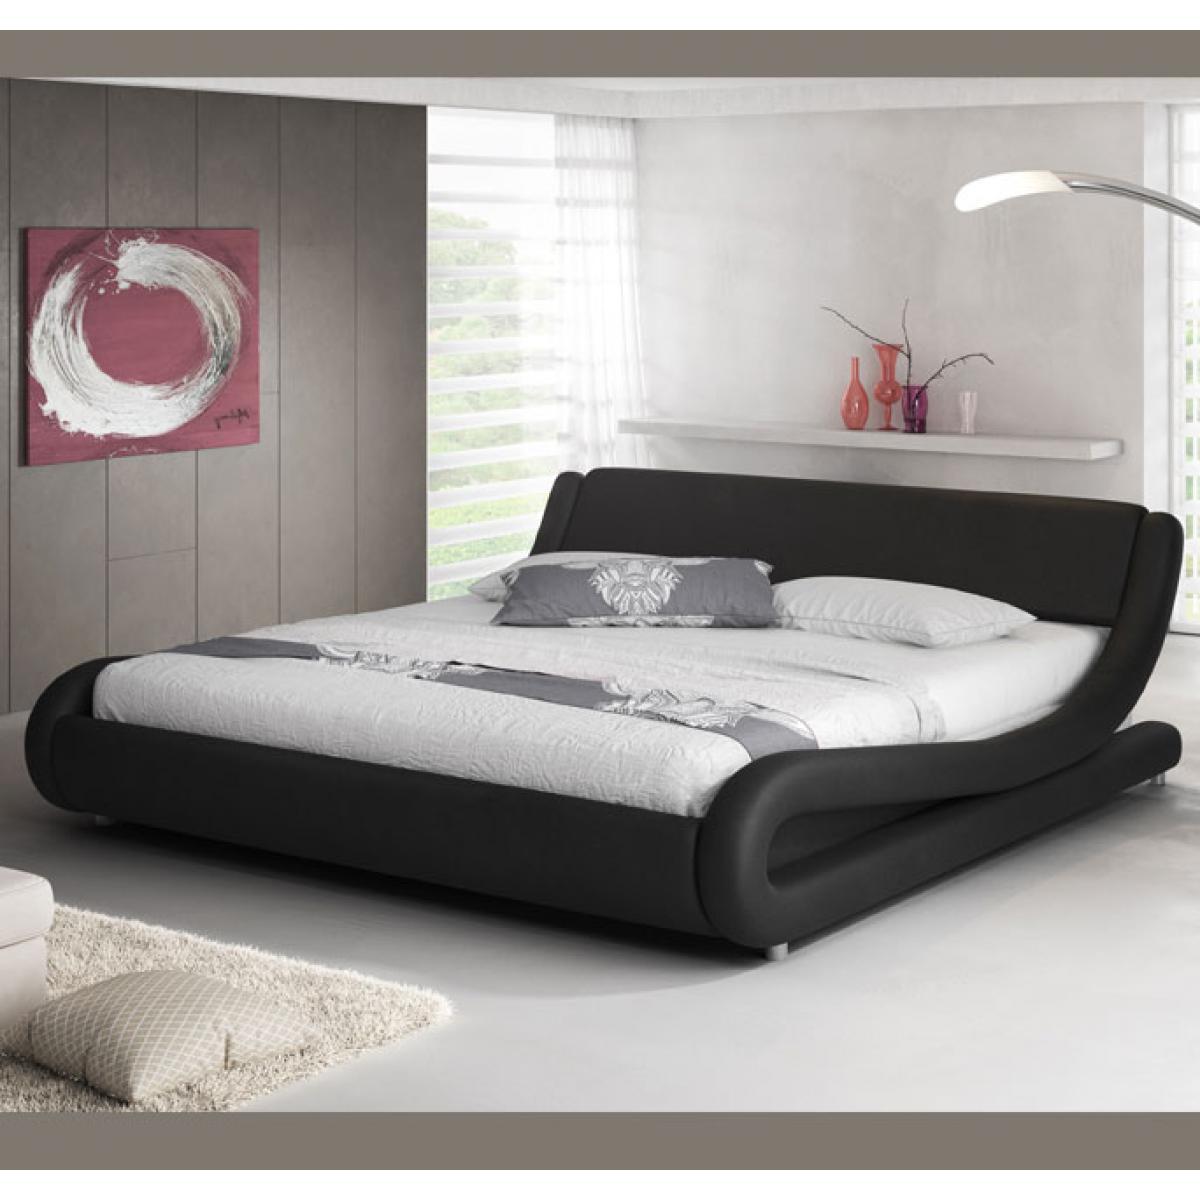 Design Ameublement Lit simple Alessia ? noir 90x190cm